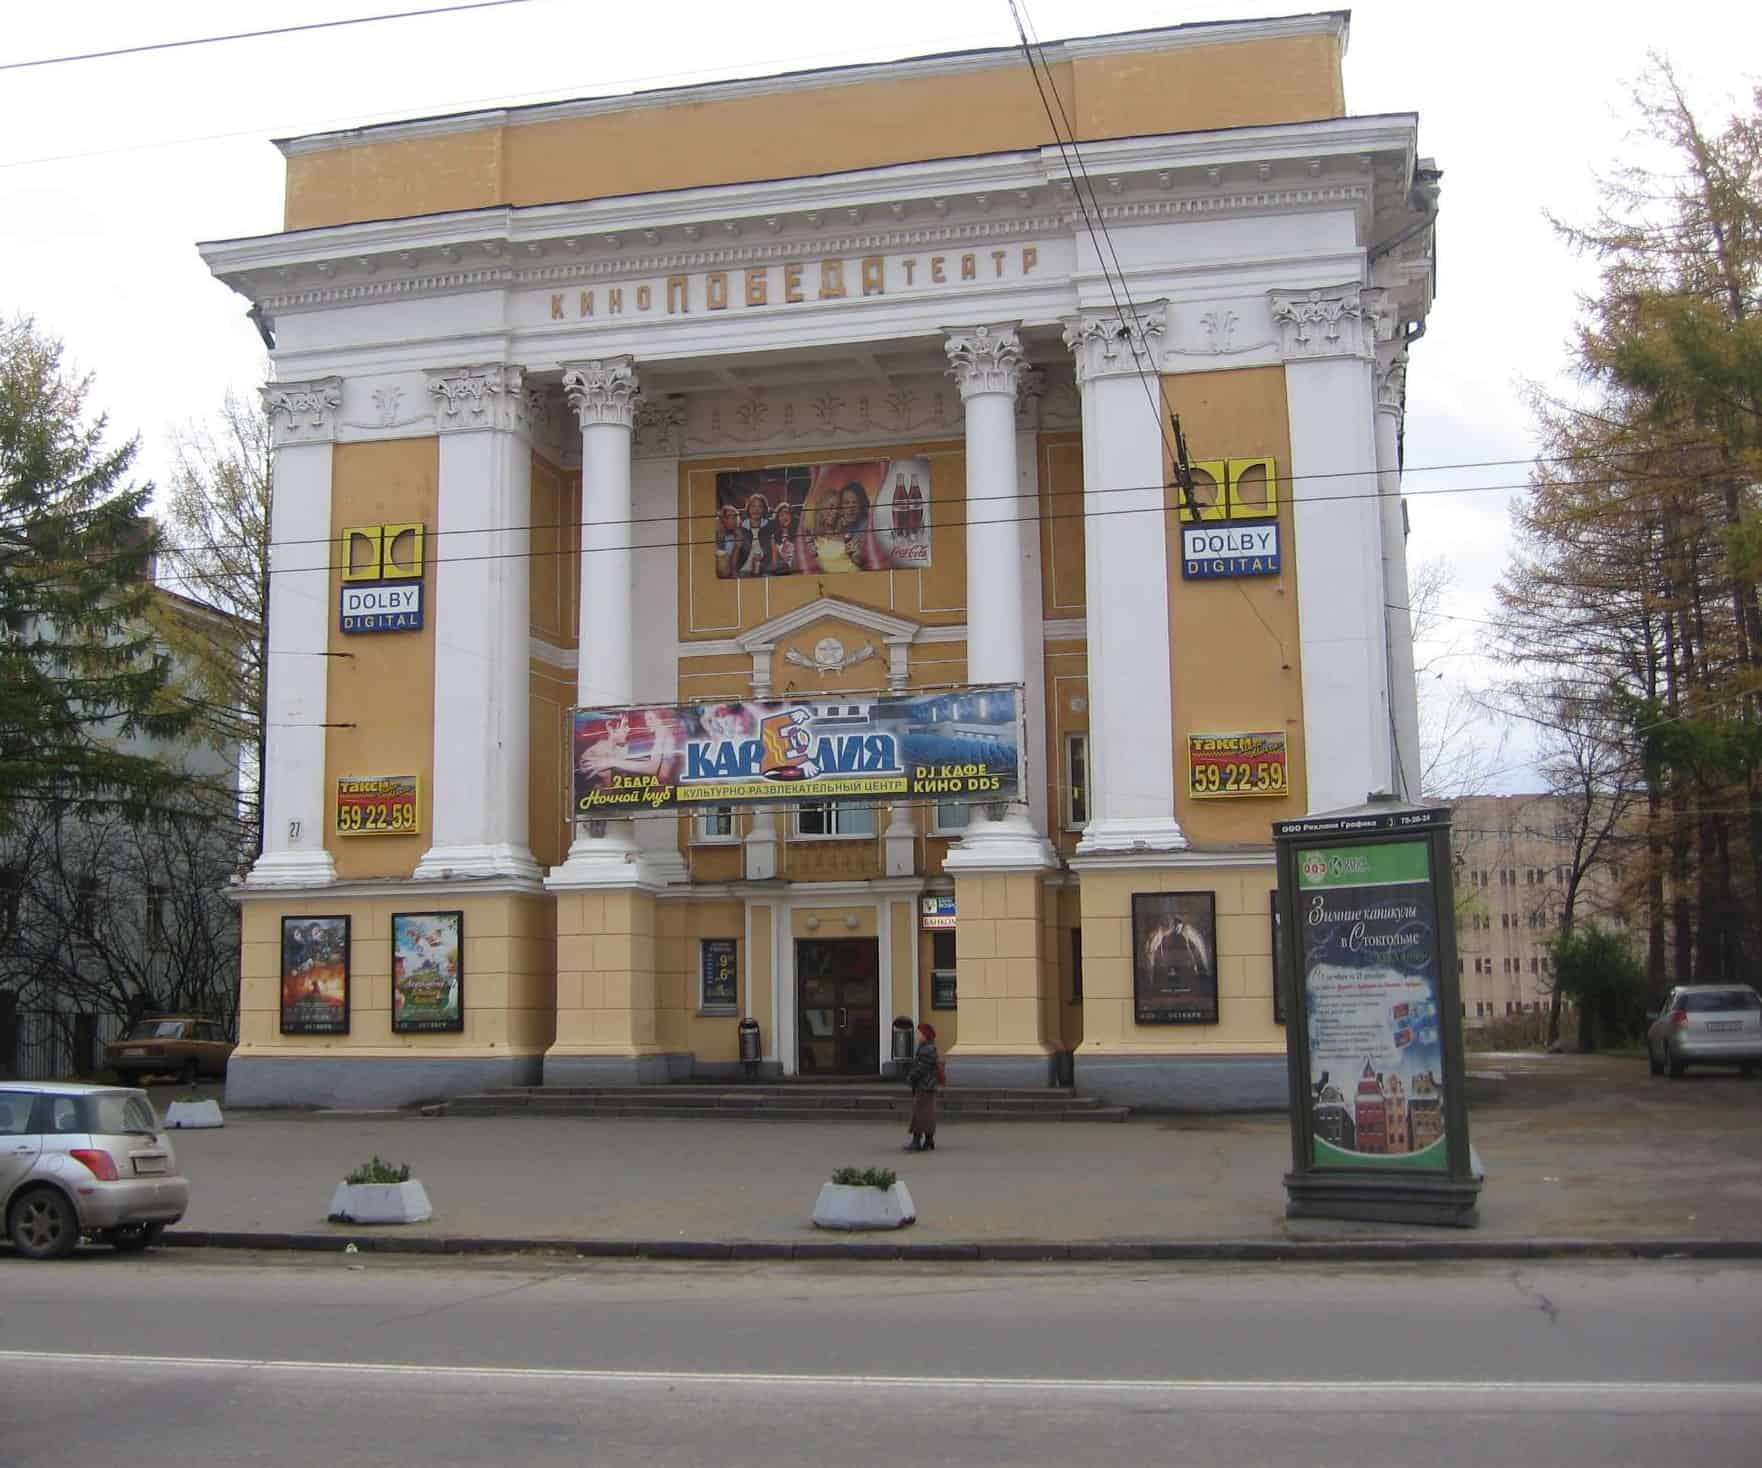 Кинотеатр «Победа» включен в список выявленных объектов культурного наследия